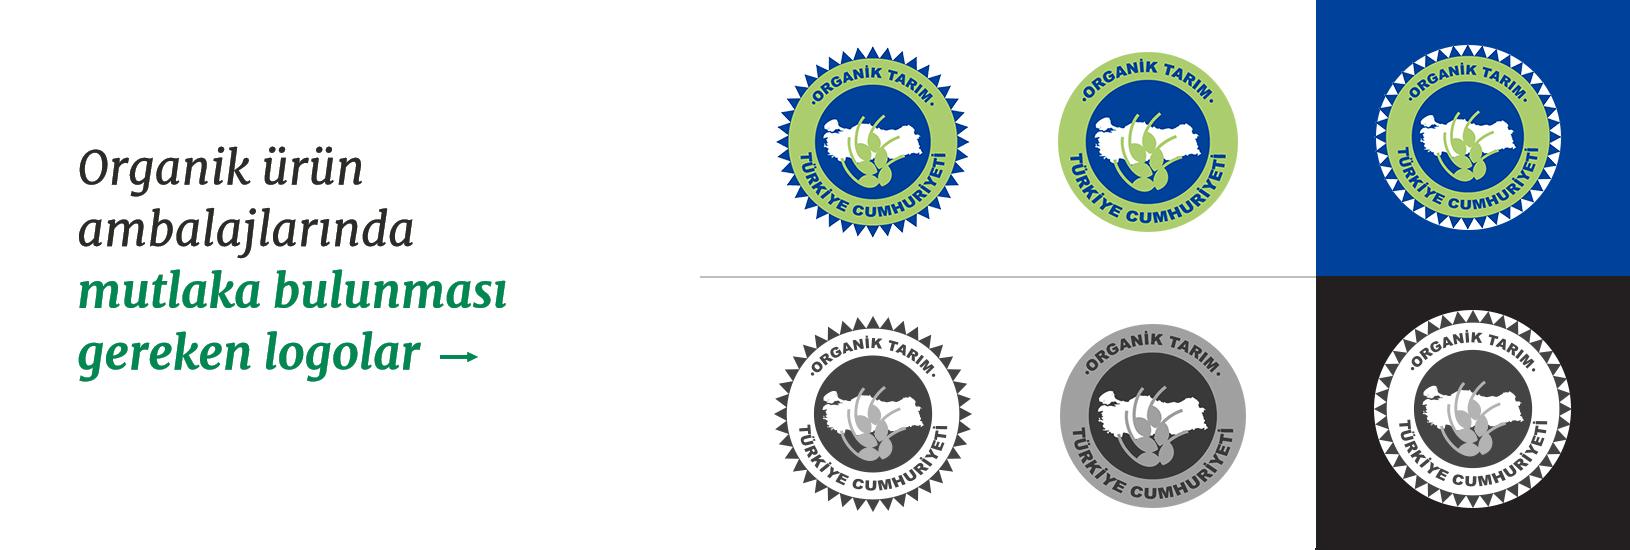 Organik Ürünlerde Bulunması Gereken Logolar